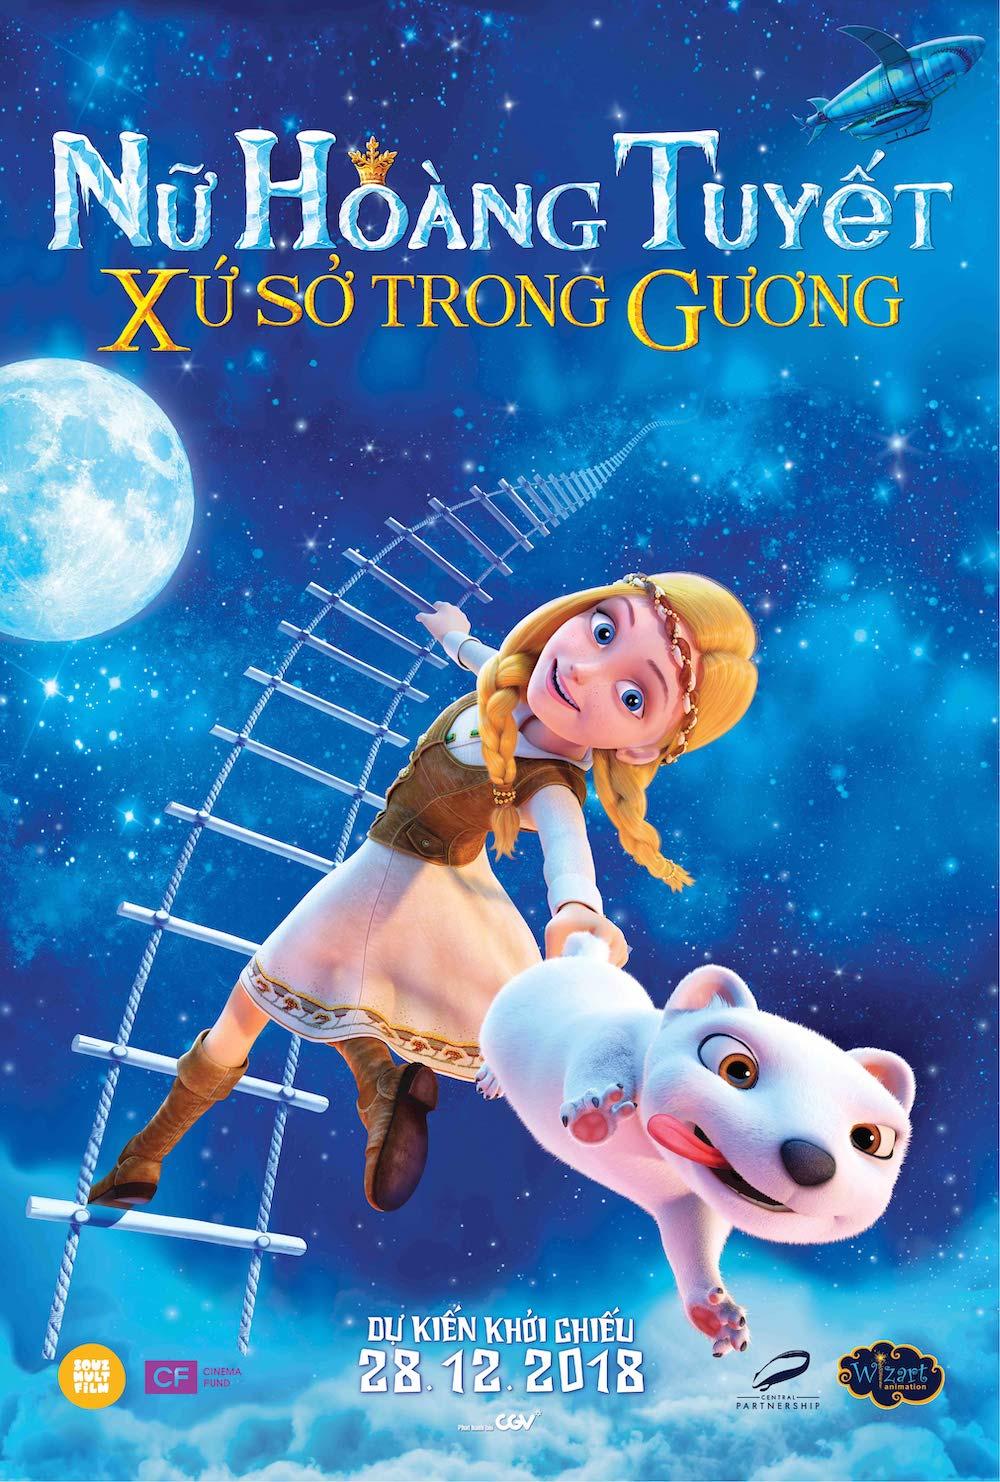 Xem Phim Nữ Hoàng Tuyết: Xứ Sở Trong Gương